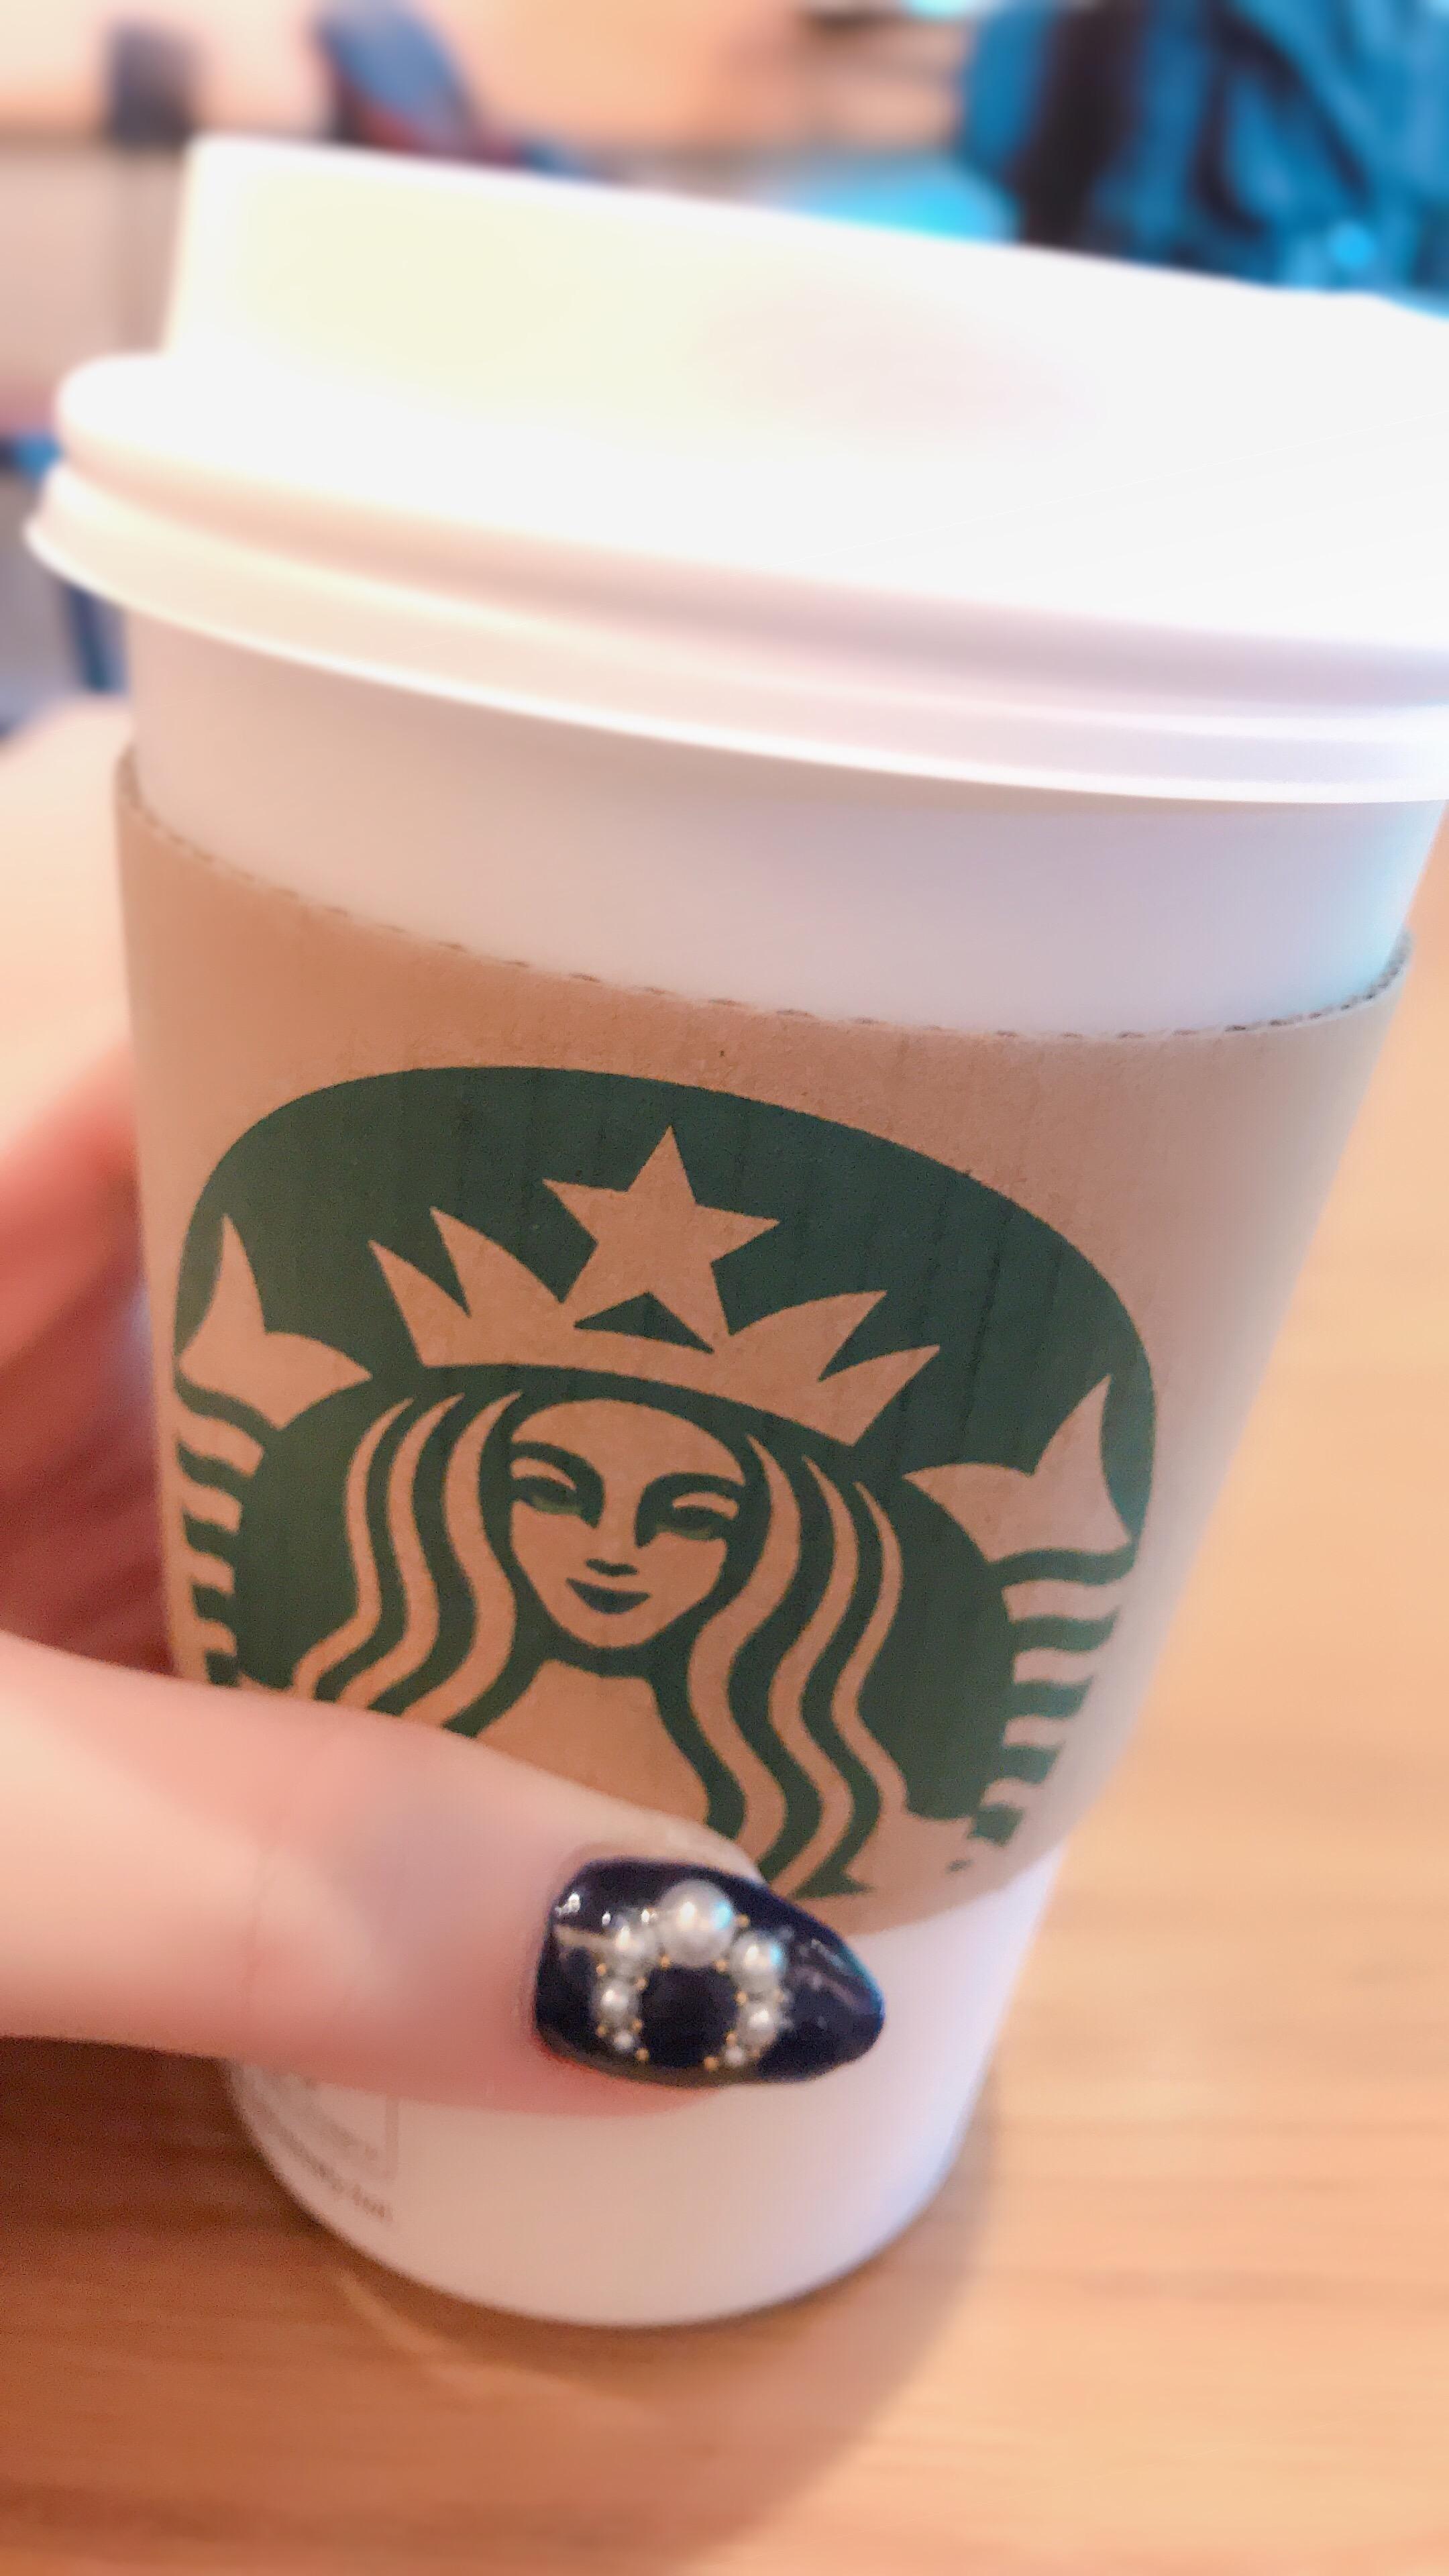 「♥苛々する時は。♥」09/28(金) 13:57 | 芹沢 月姫の写メ・風俗動画